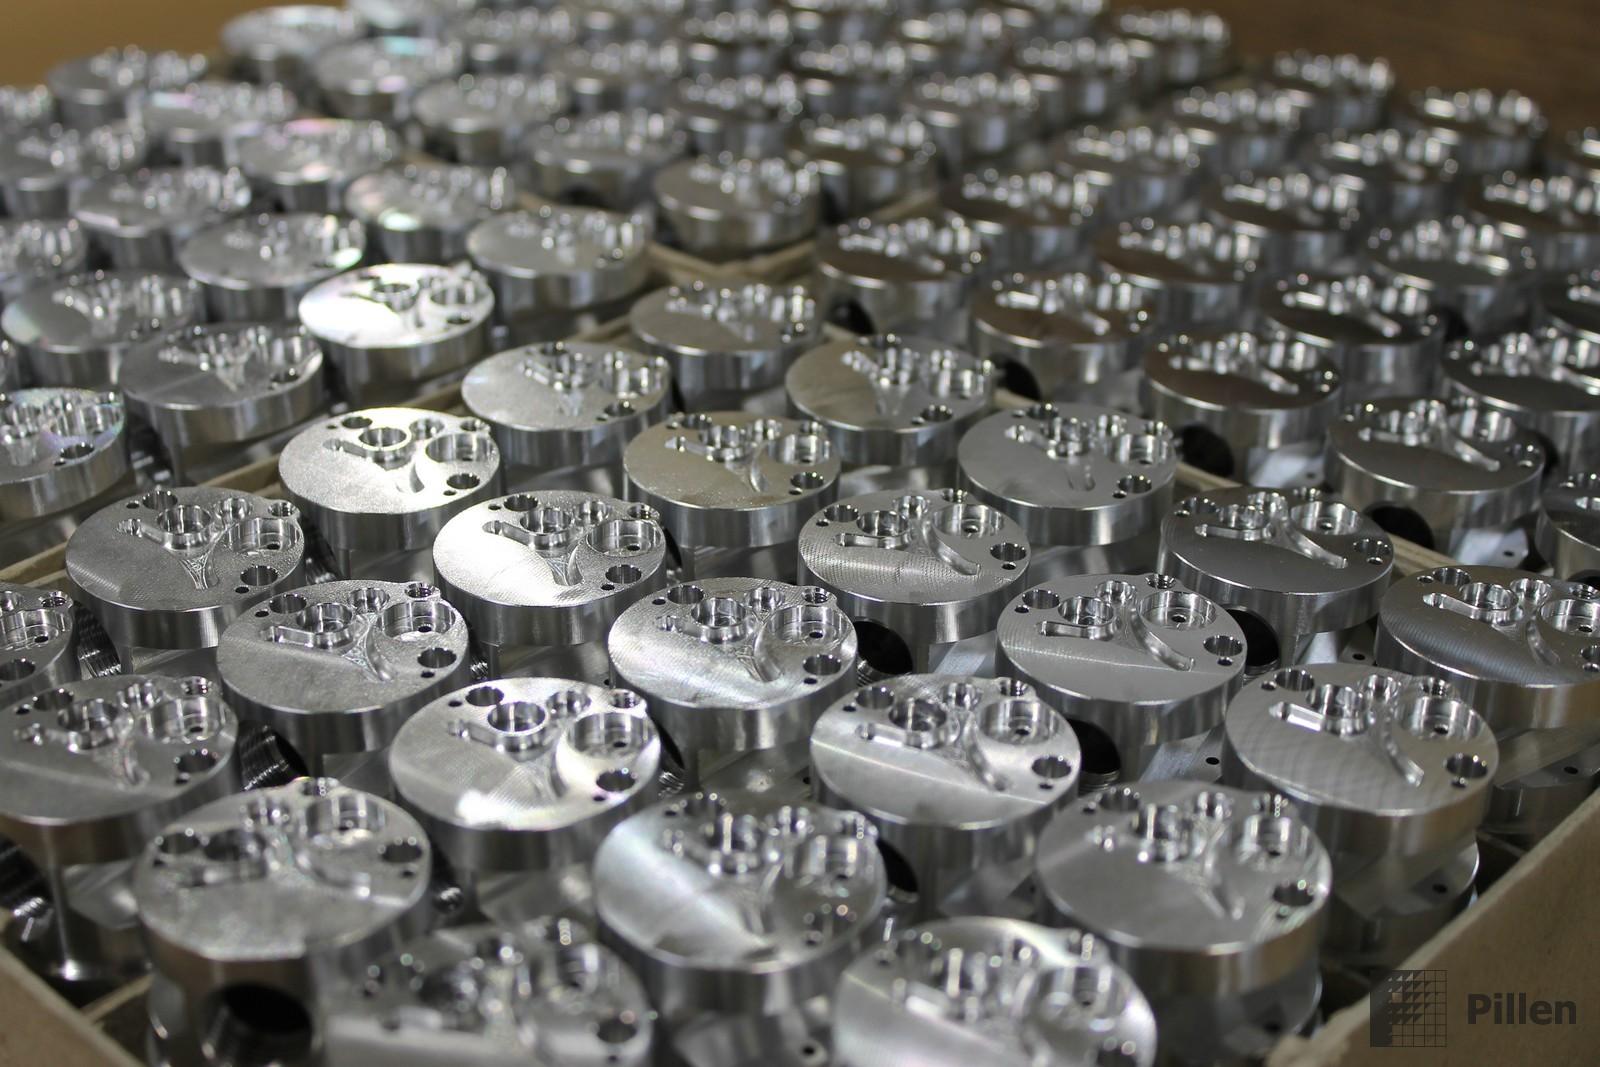 Toelevering fijnmechanische producten 247 verspaning